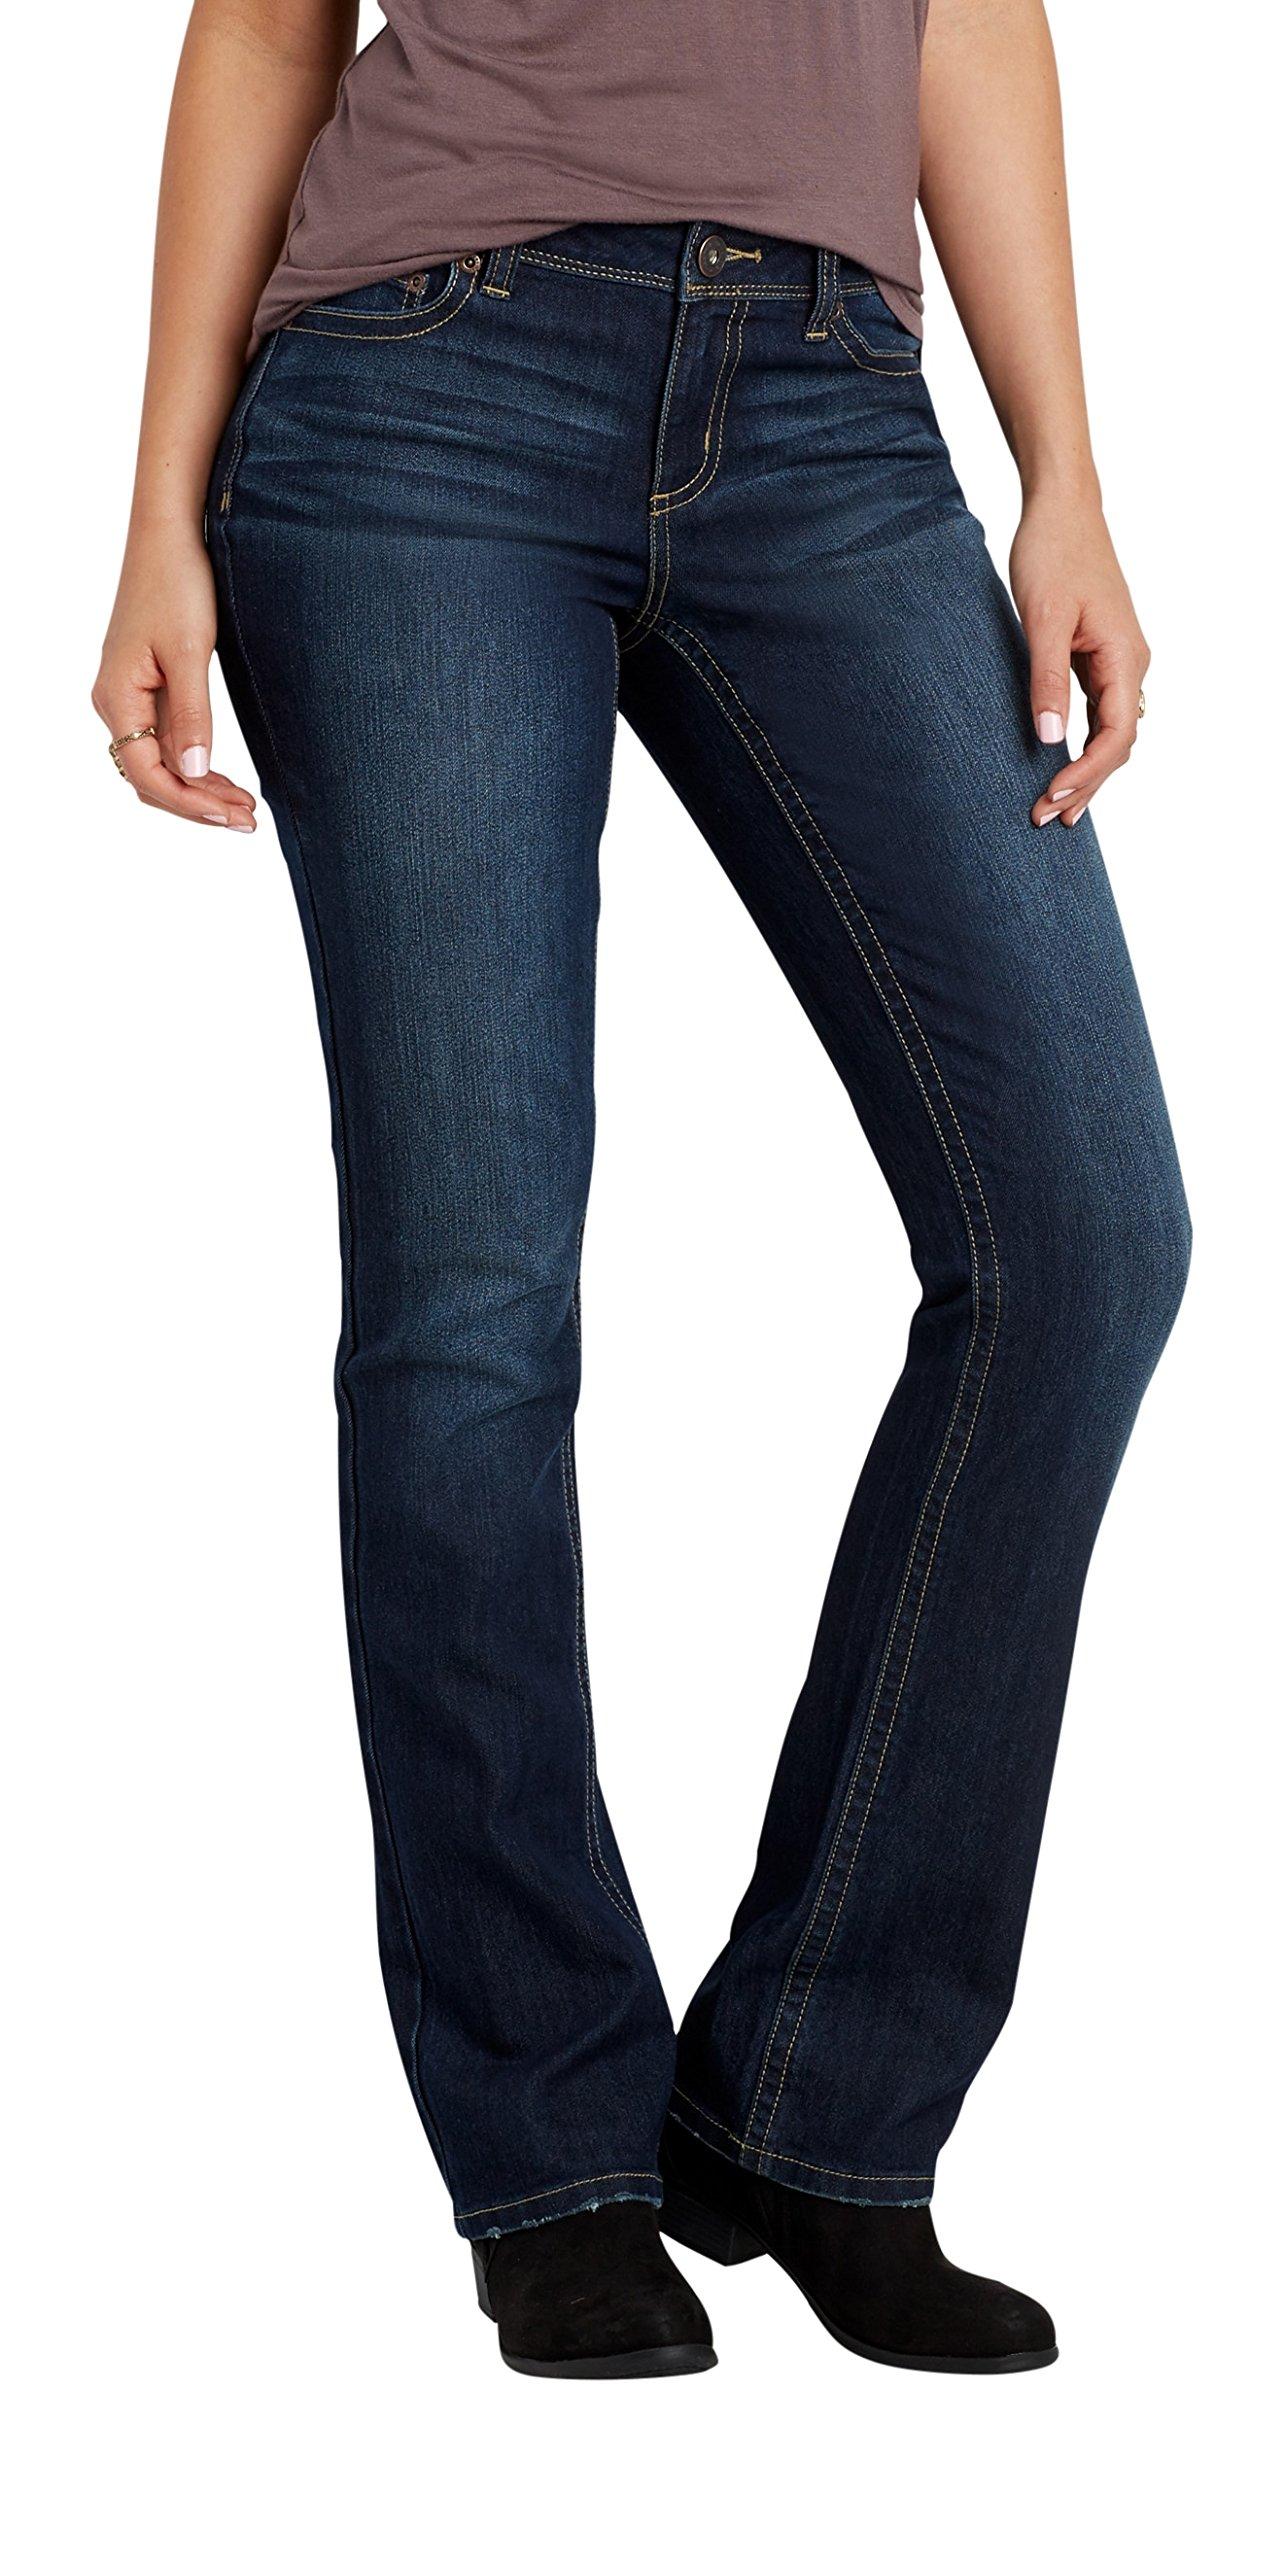 maurices Women's Denimflex Slim Boot Dark Wash Jeans 7/8 Dark Sandblast by maurices (Image #1)